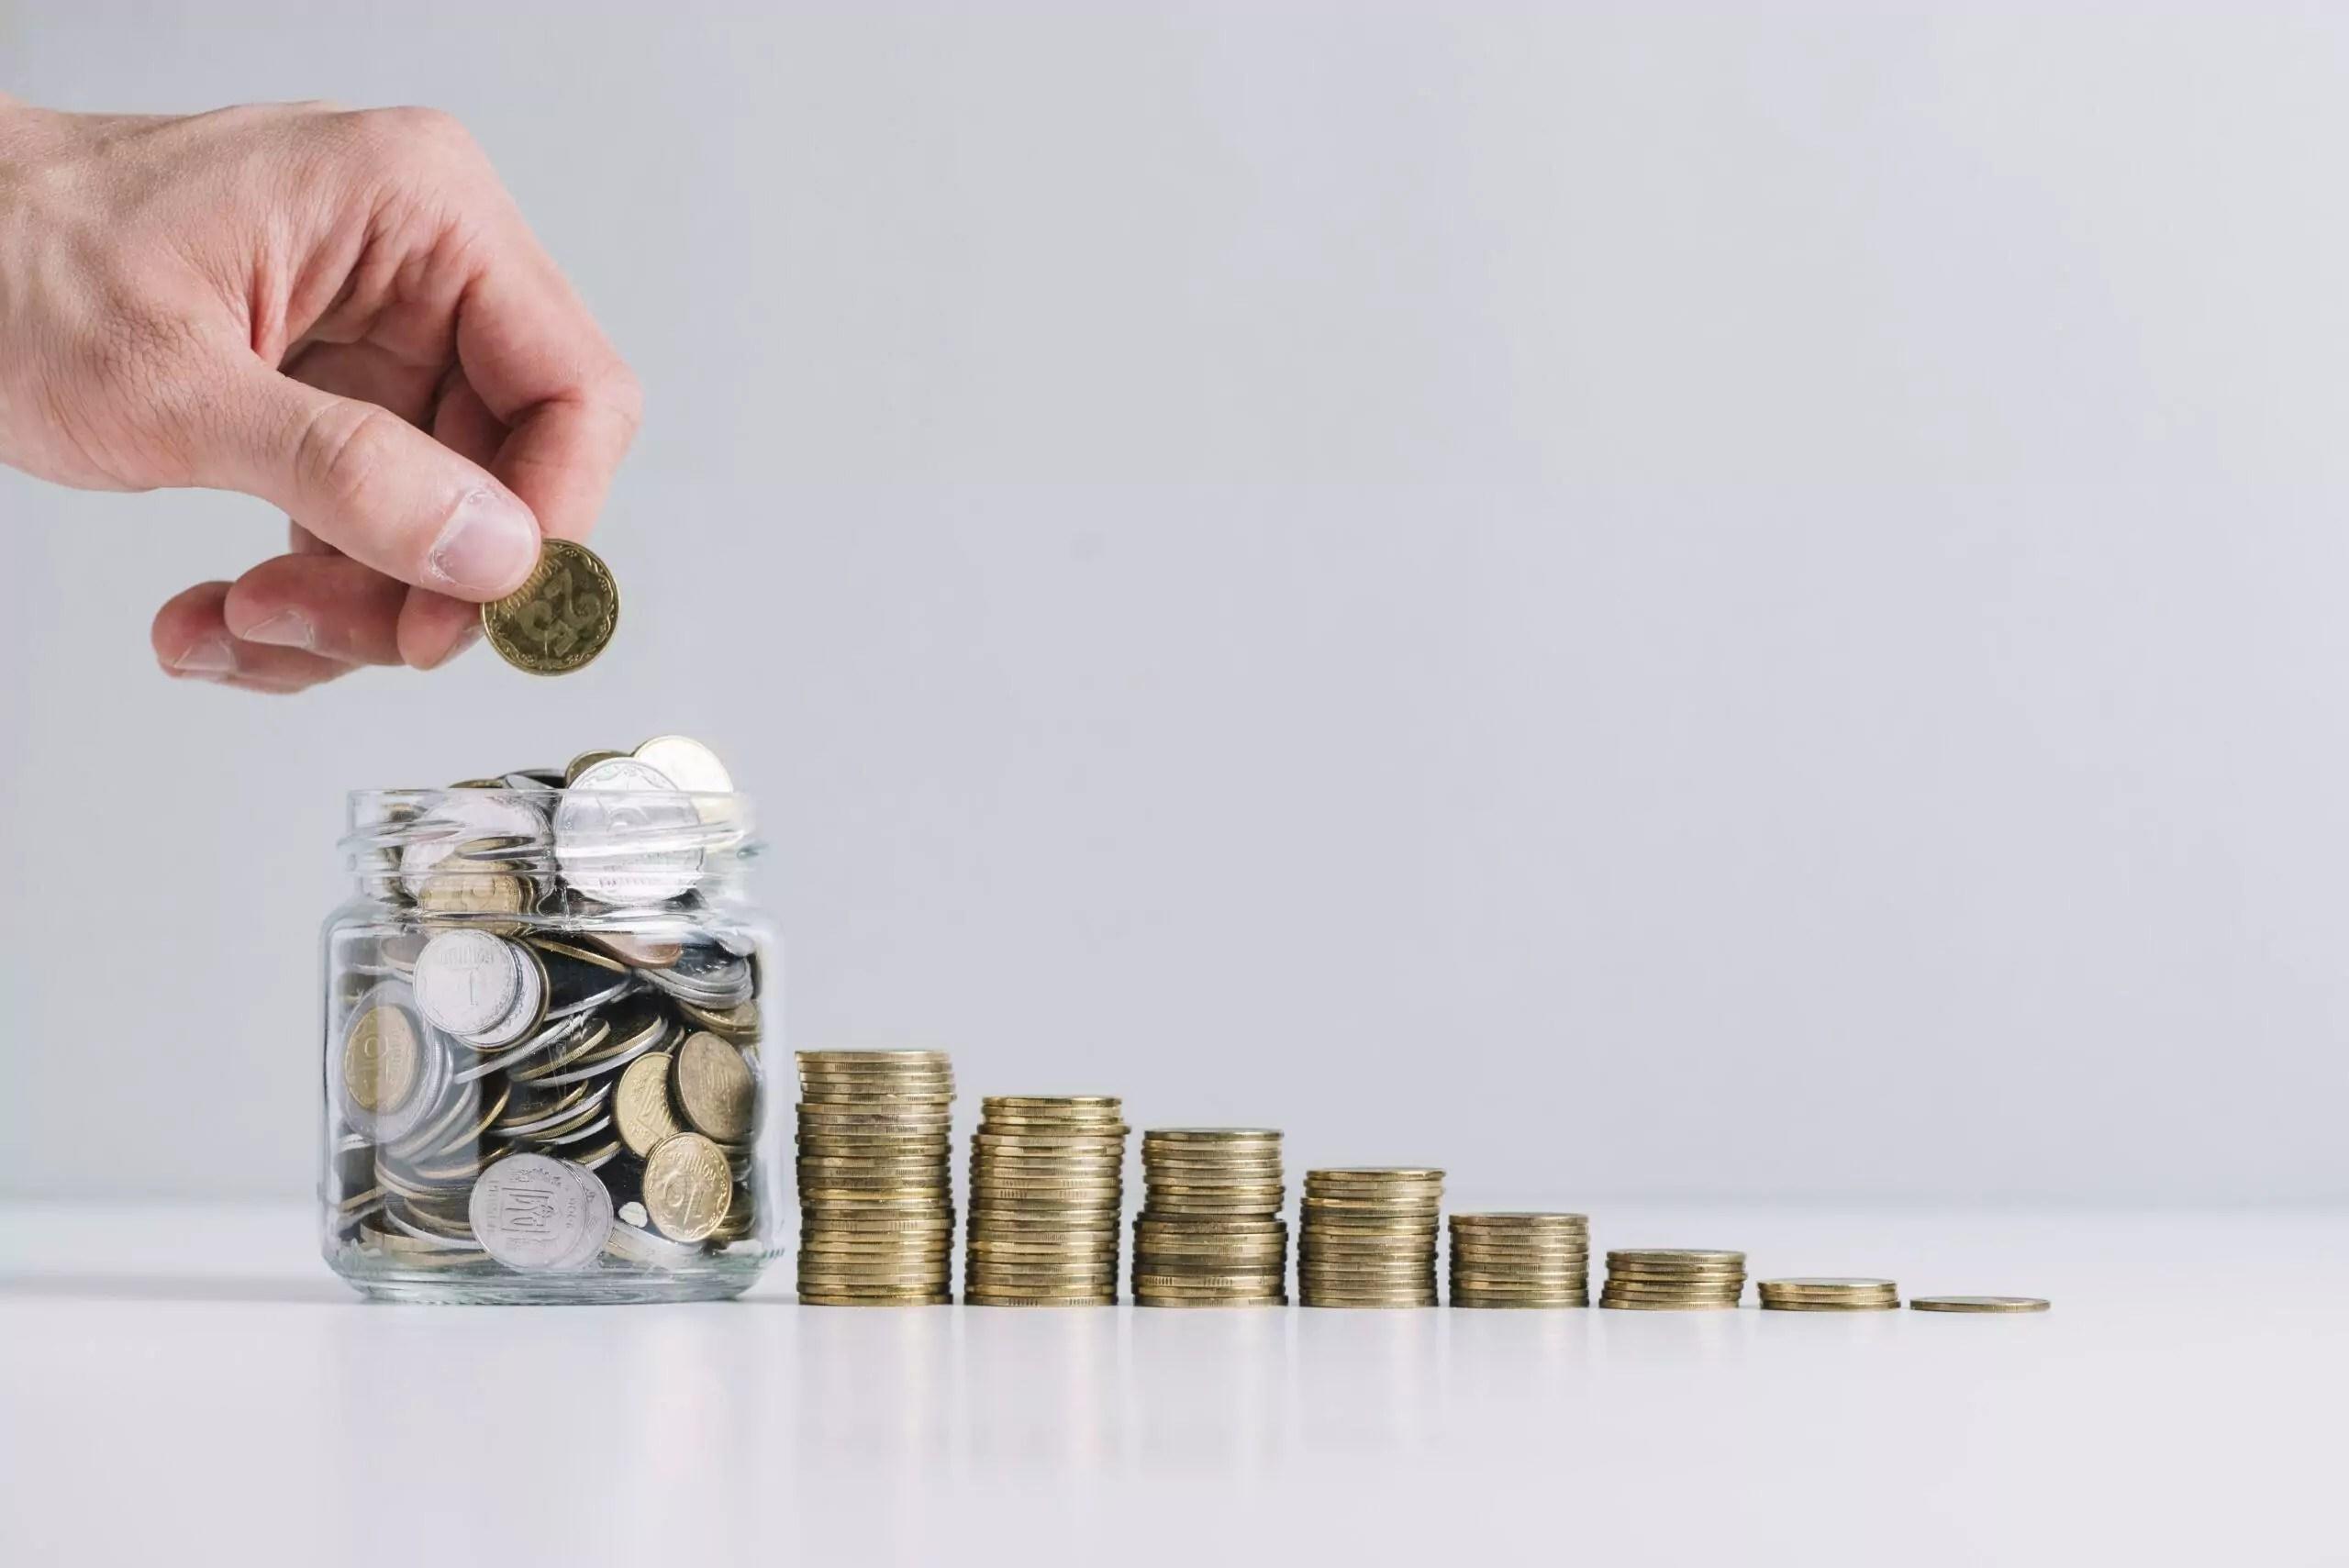 Montantes de moedas, um maior que o outro.